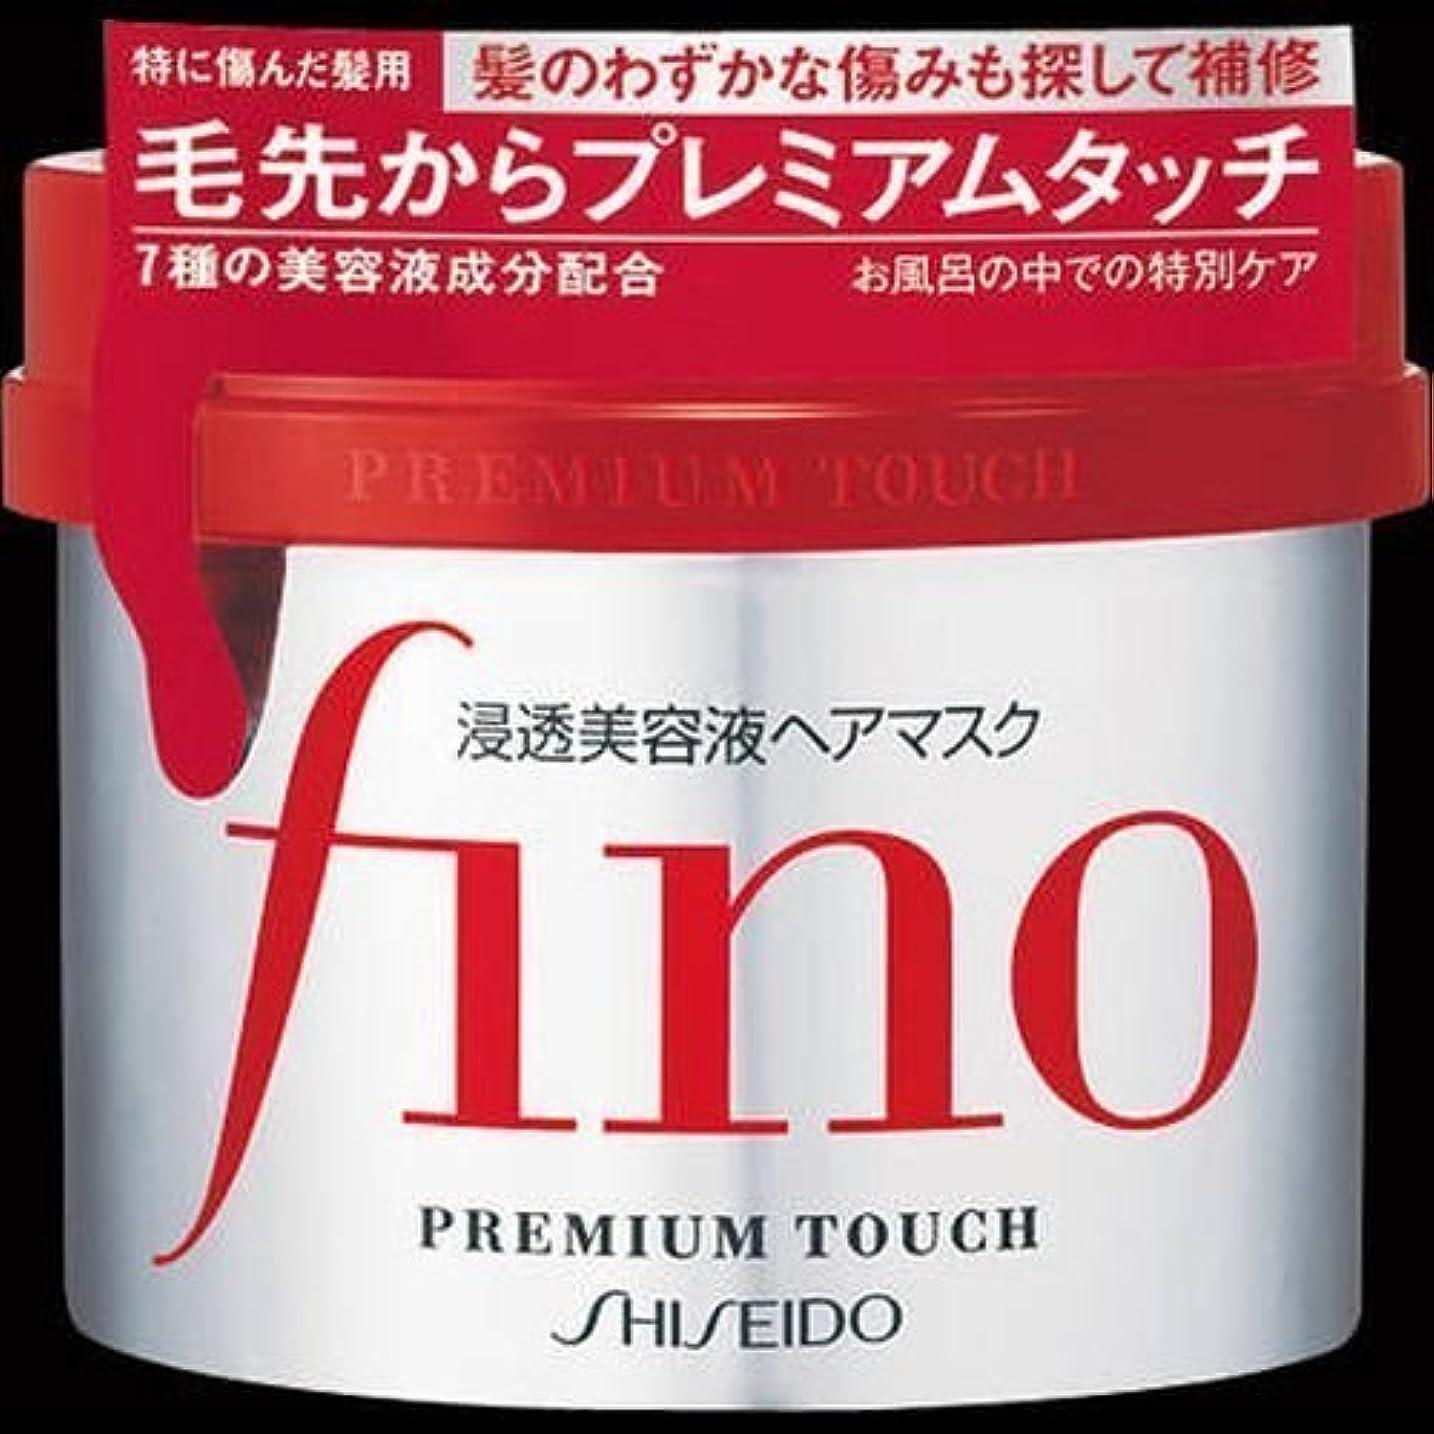 ツーリスト規範写真【まとめ買い】フィーノ プレミアムタッチ 浸透美容液 ヘアマスク 230g ×2セット